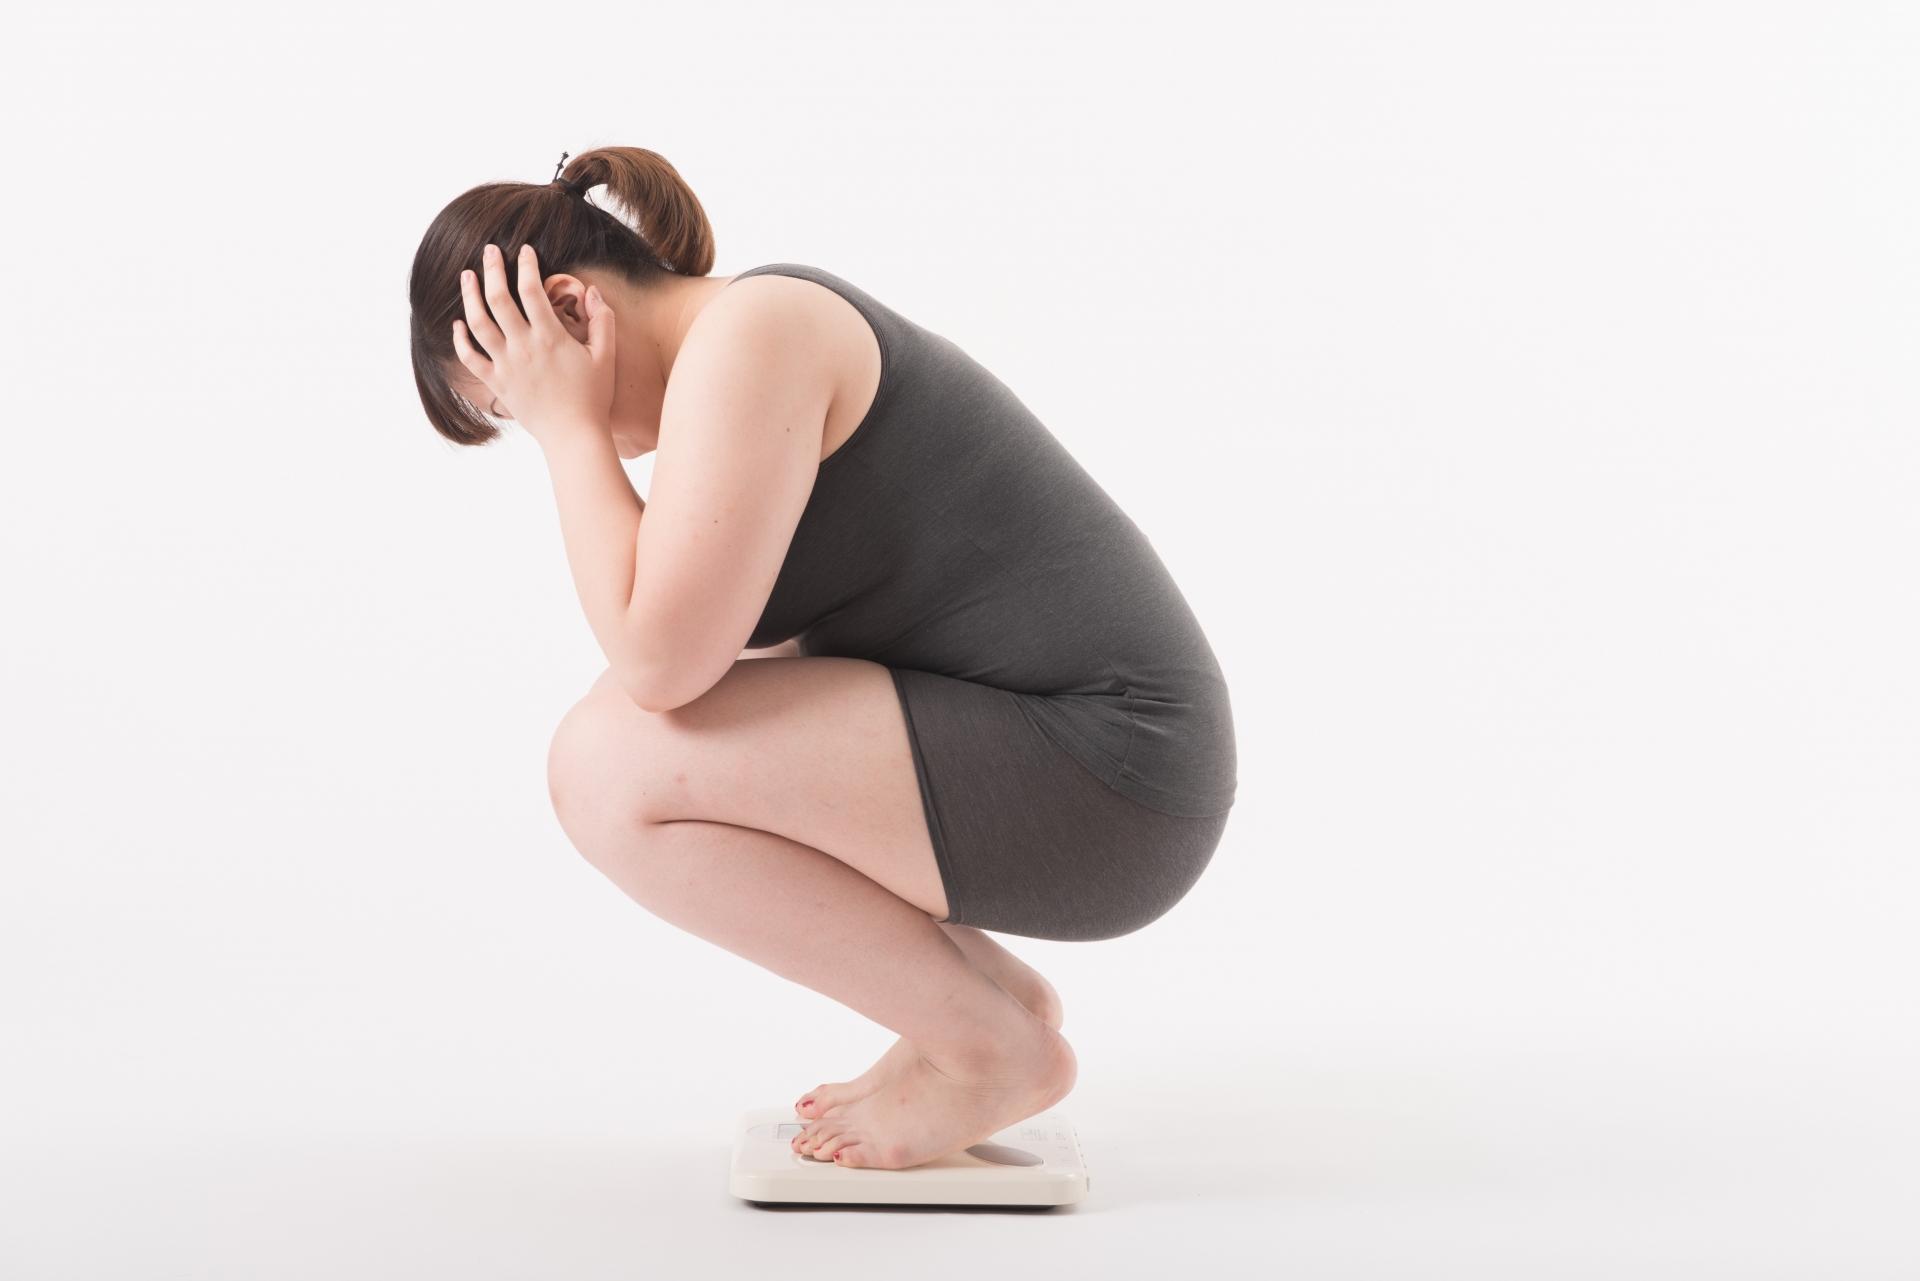 促進新陳代謝助加速減肥 學會這4招去除脂肪